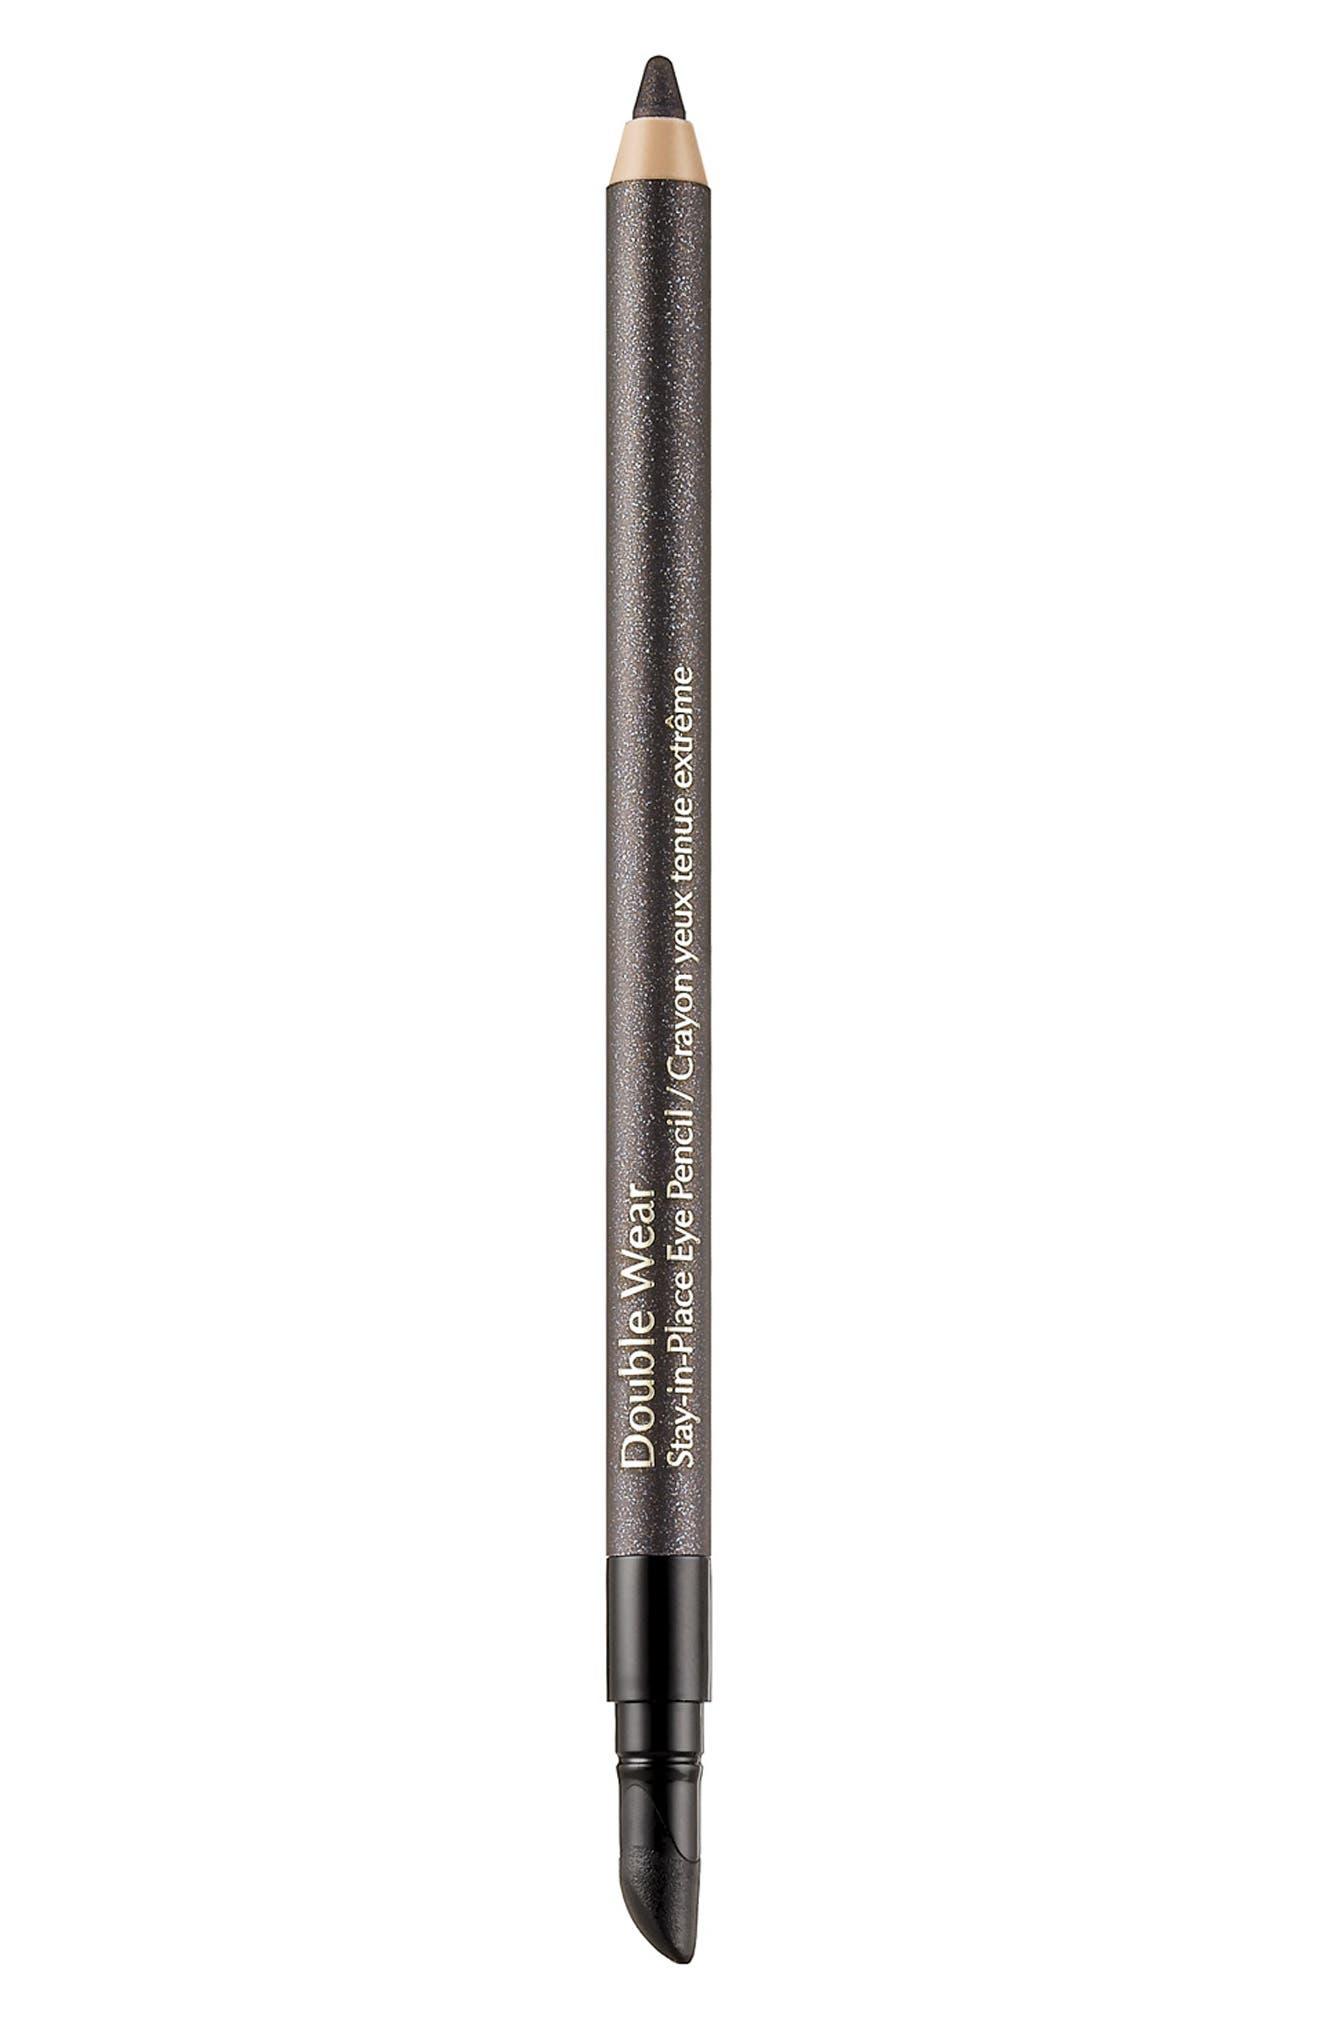 Estee Lauder Double Wear Stay-In-Place Eye Pencil - Night Diamond